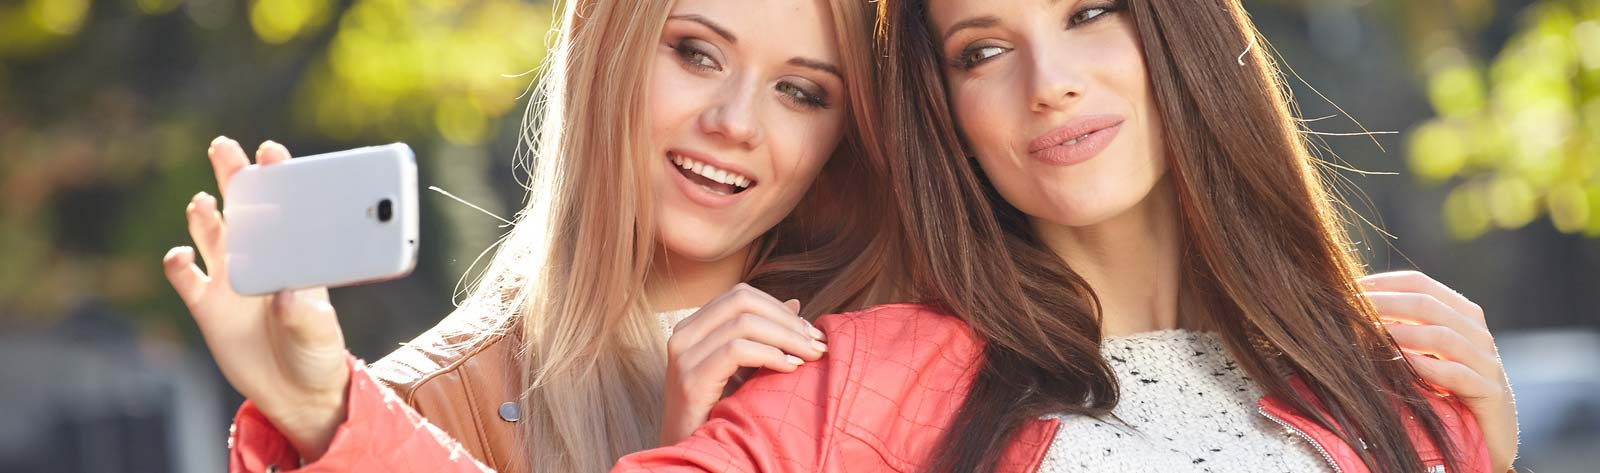 Czy media społecznościowe sprawiają że kobiety decydują się na operacje plastyczne?